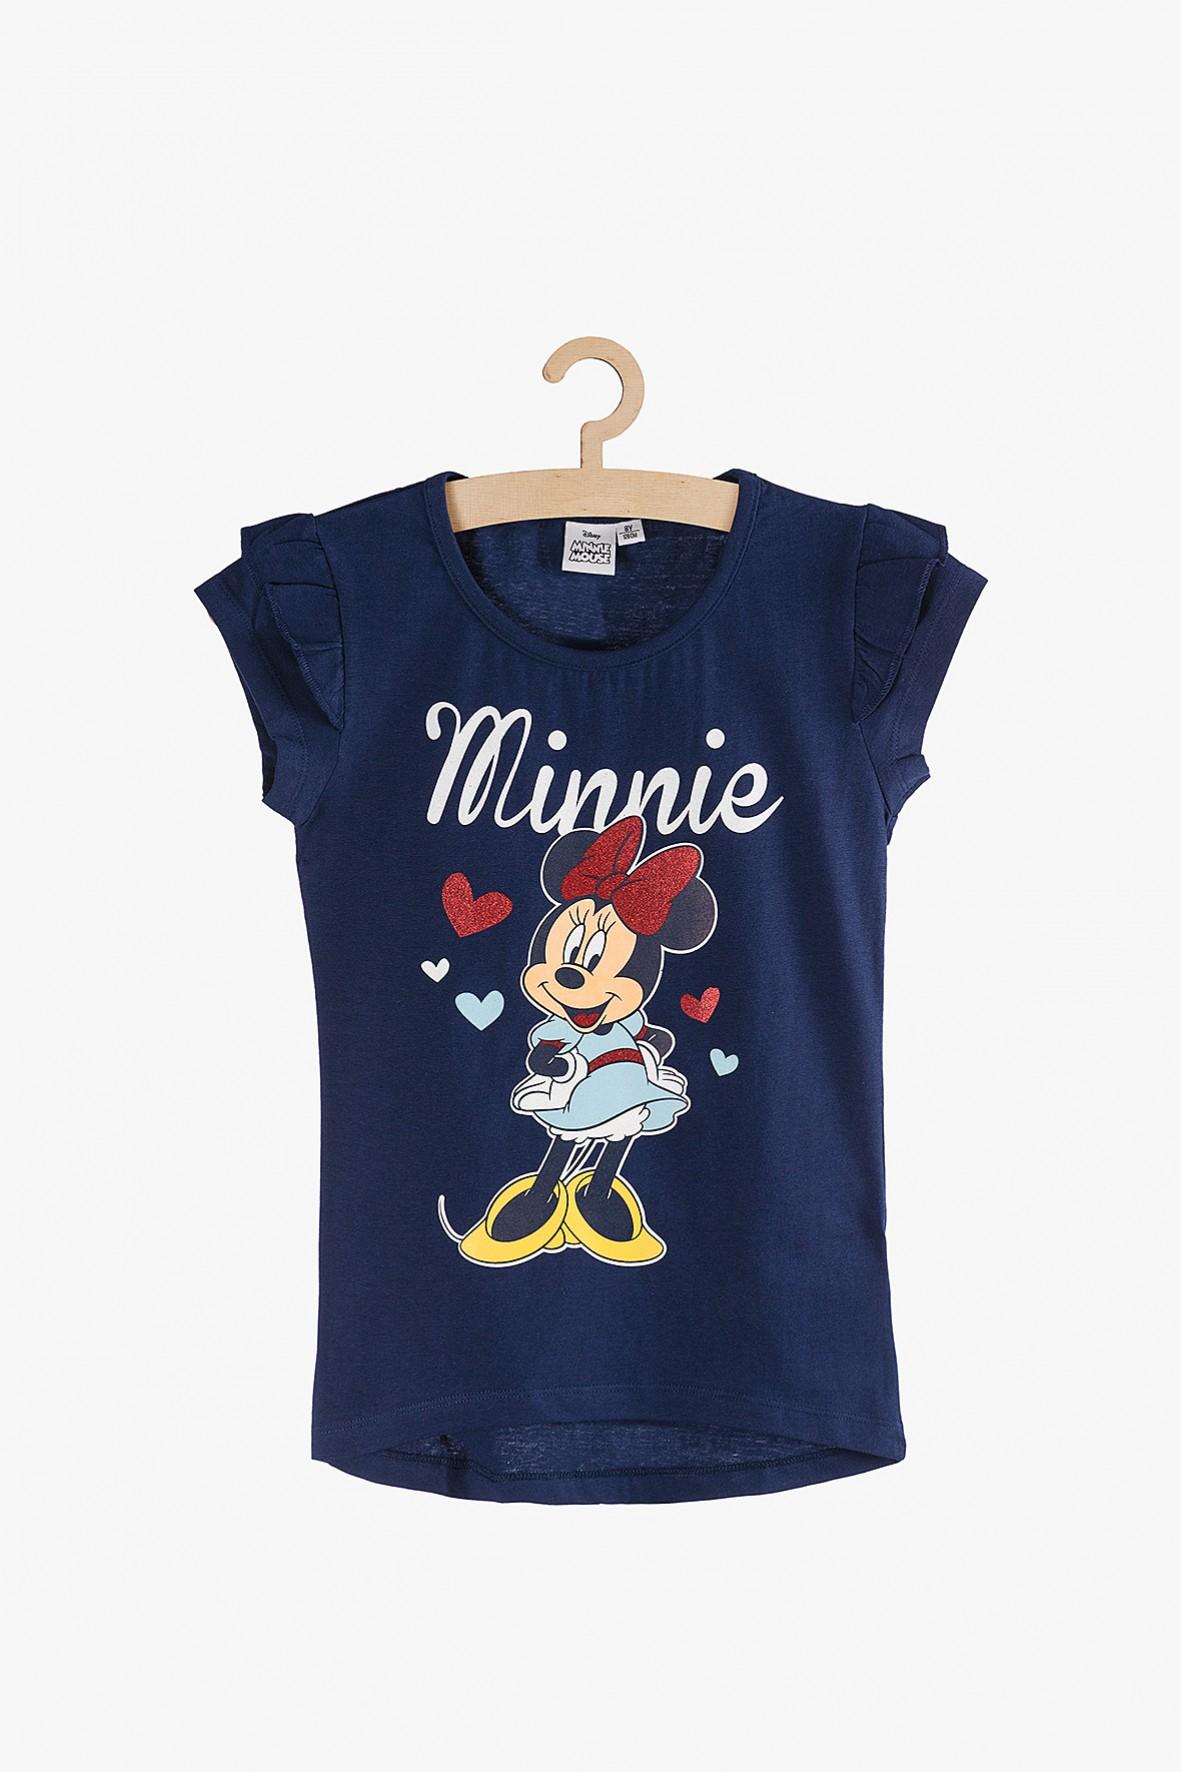 T-shirt dla dziewczynki granatowy z Myszką Minnie